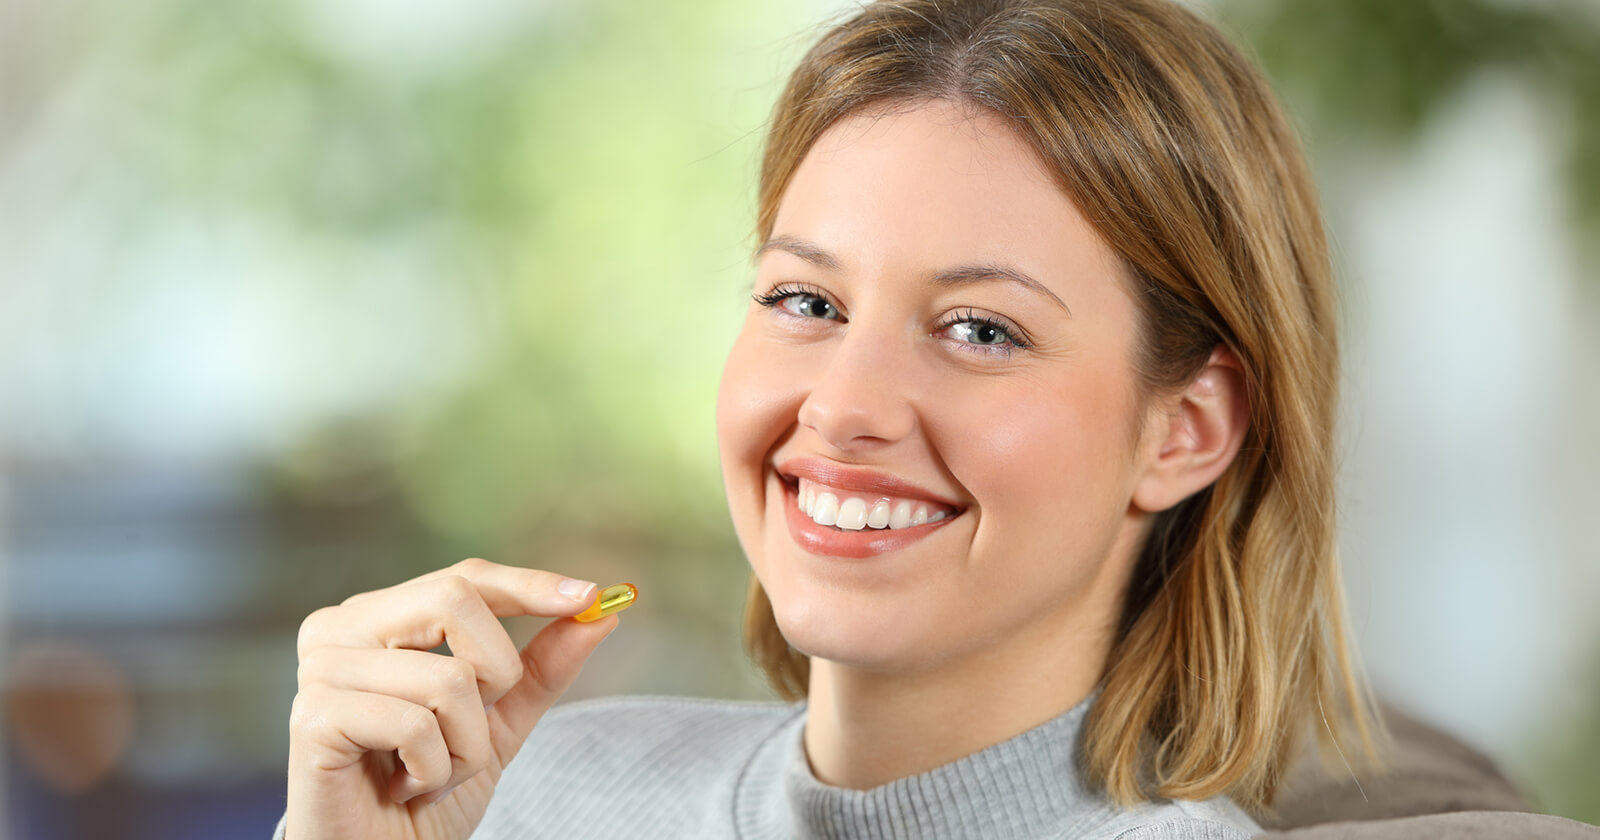 Veganerin nimmt Nahrungsergänzungsmittel ein, um ihren Vitamin B12-Bedarf zu decken.